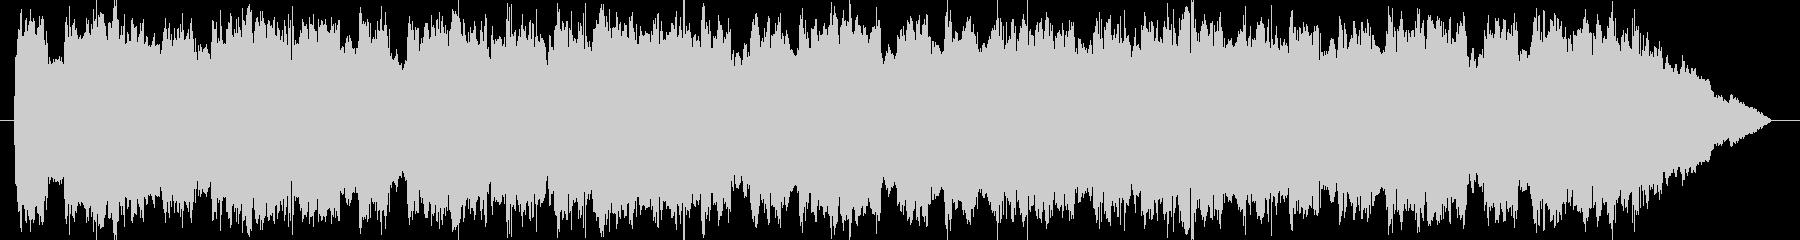 緊急自動車サイレン音 タイプBの未再生の波形